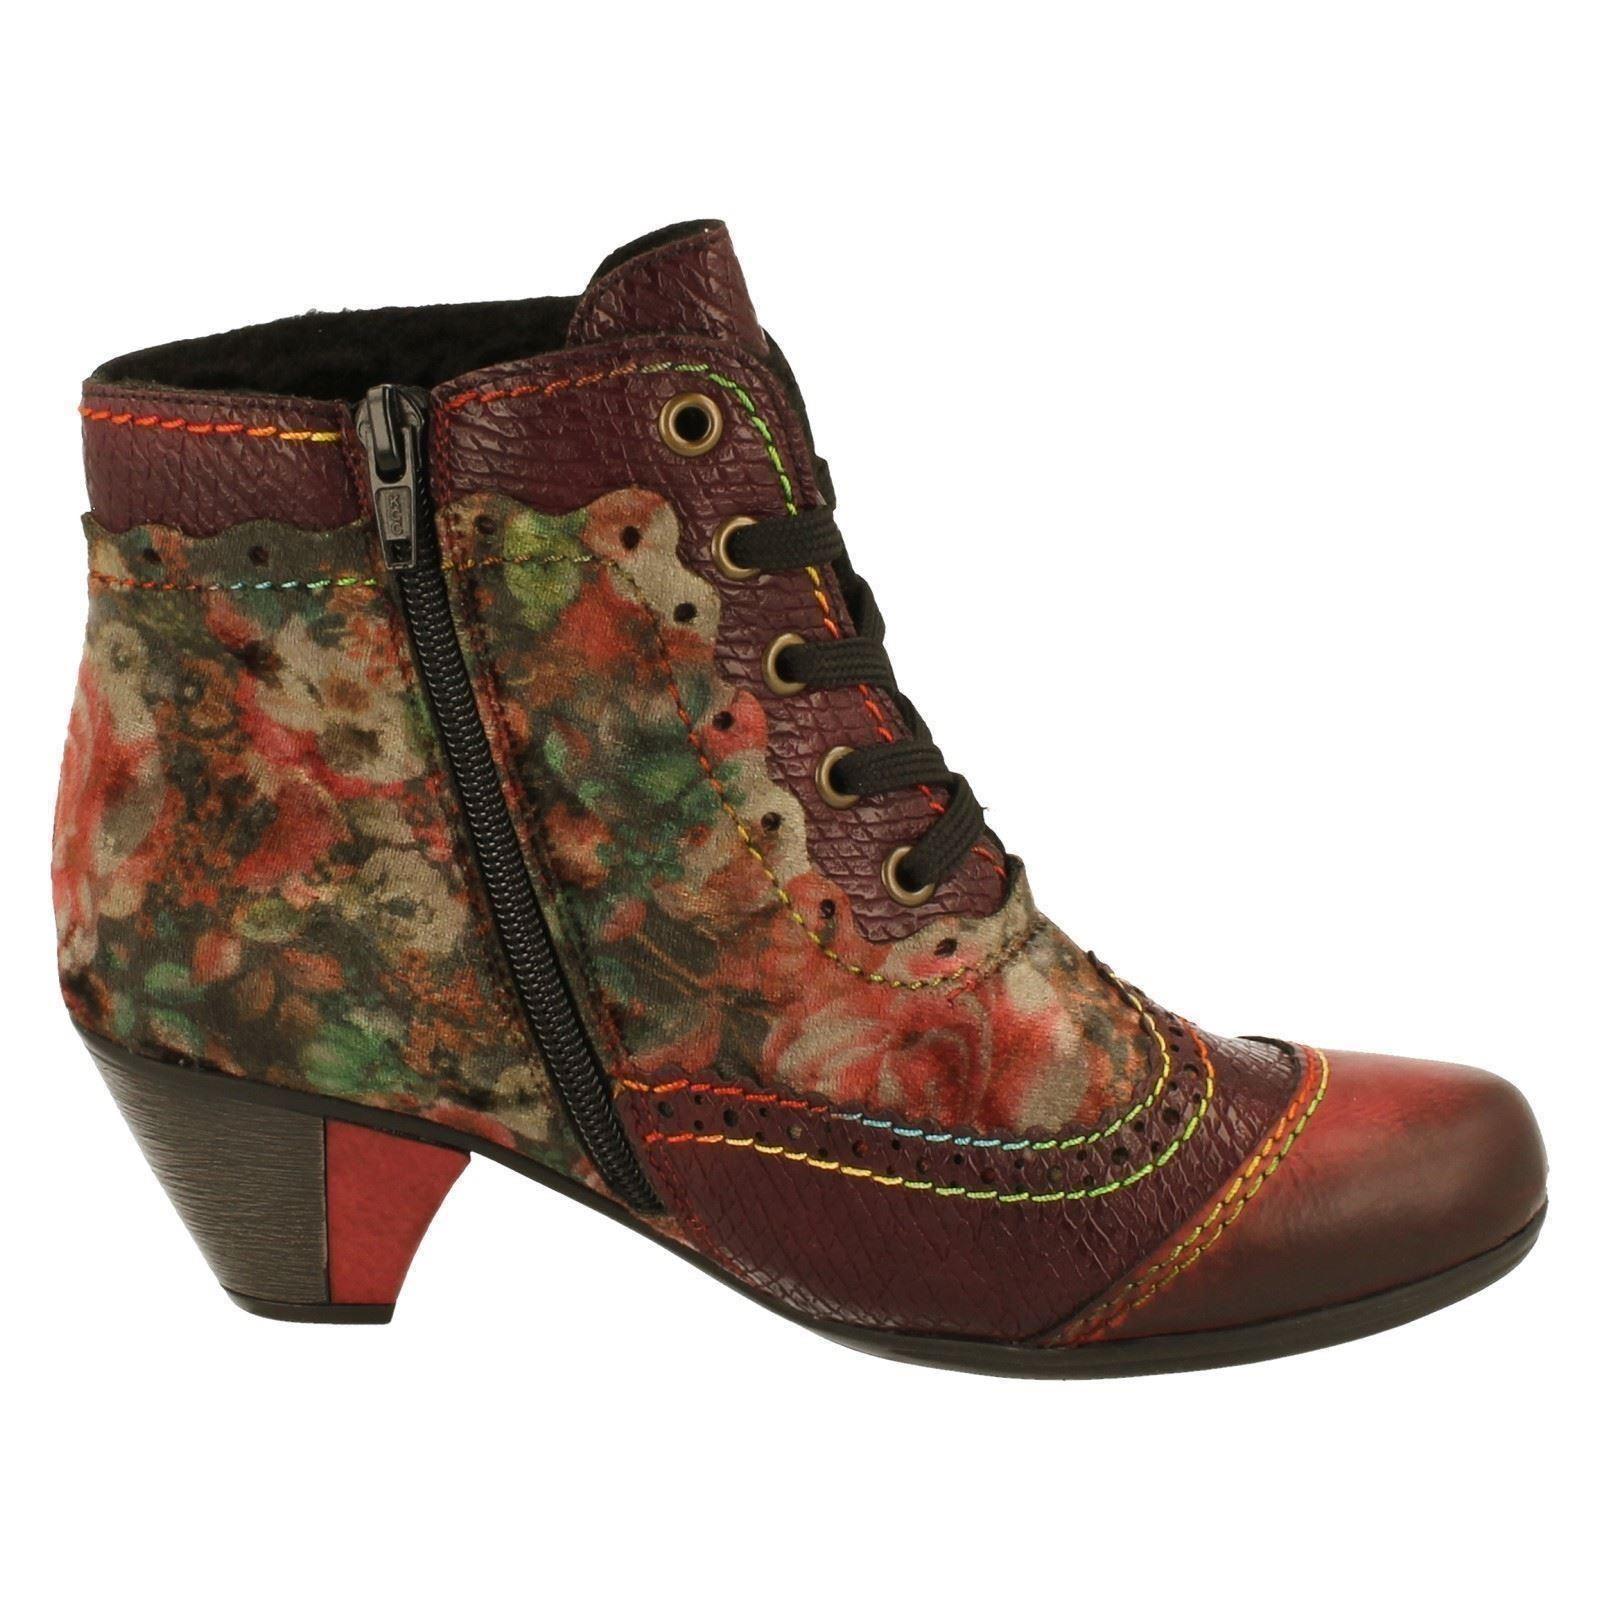 Femmes Rieker Cheville Style Bottes Style Cheville Y7213-W 5b454a